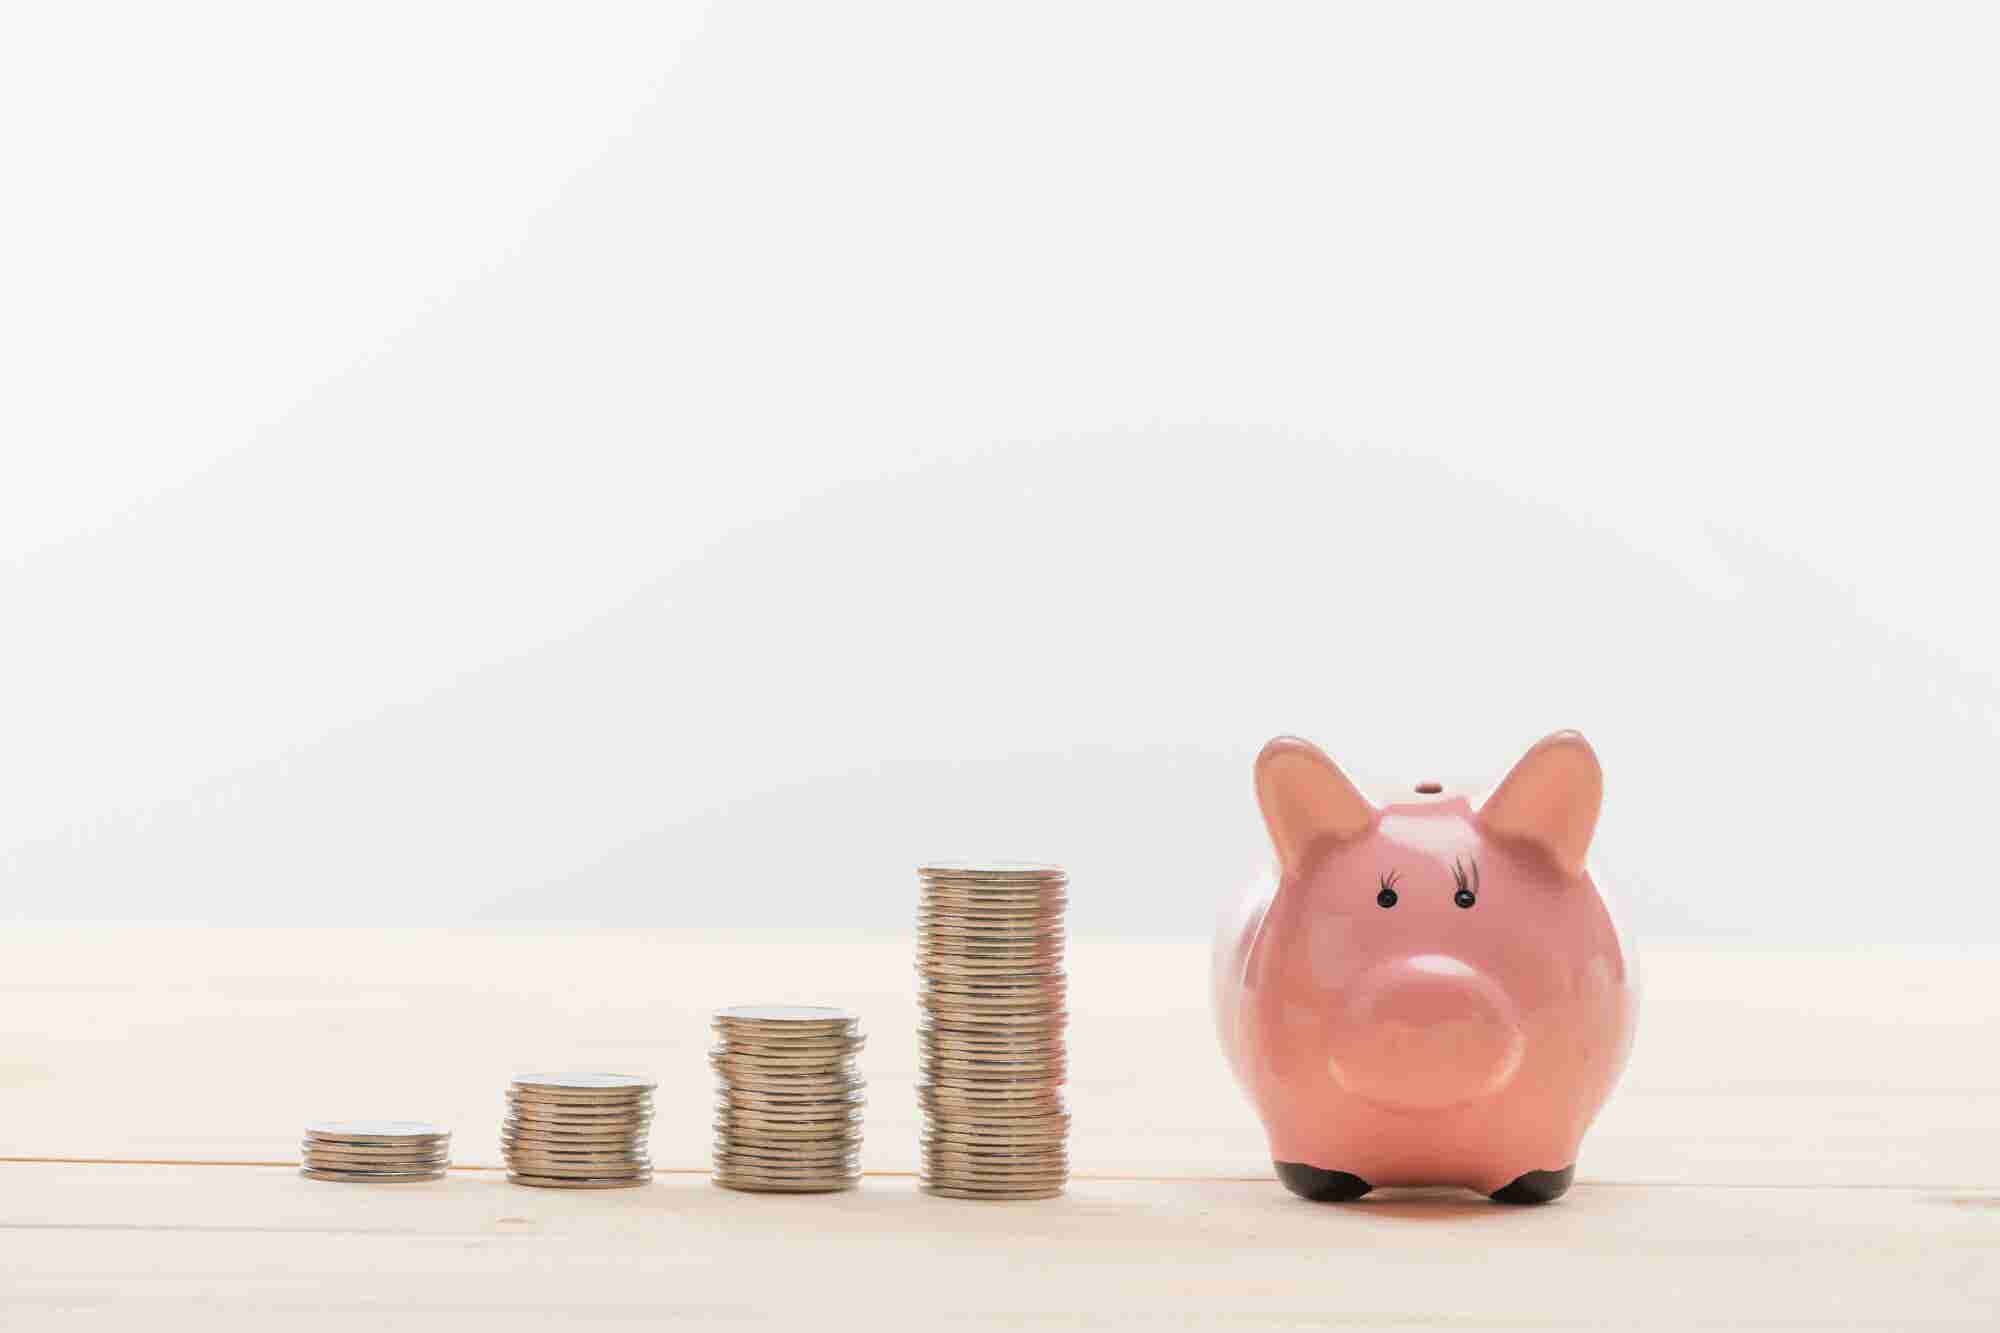 10 mandamientos financieros que todo millenial debe seguir